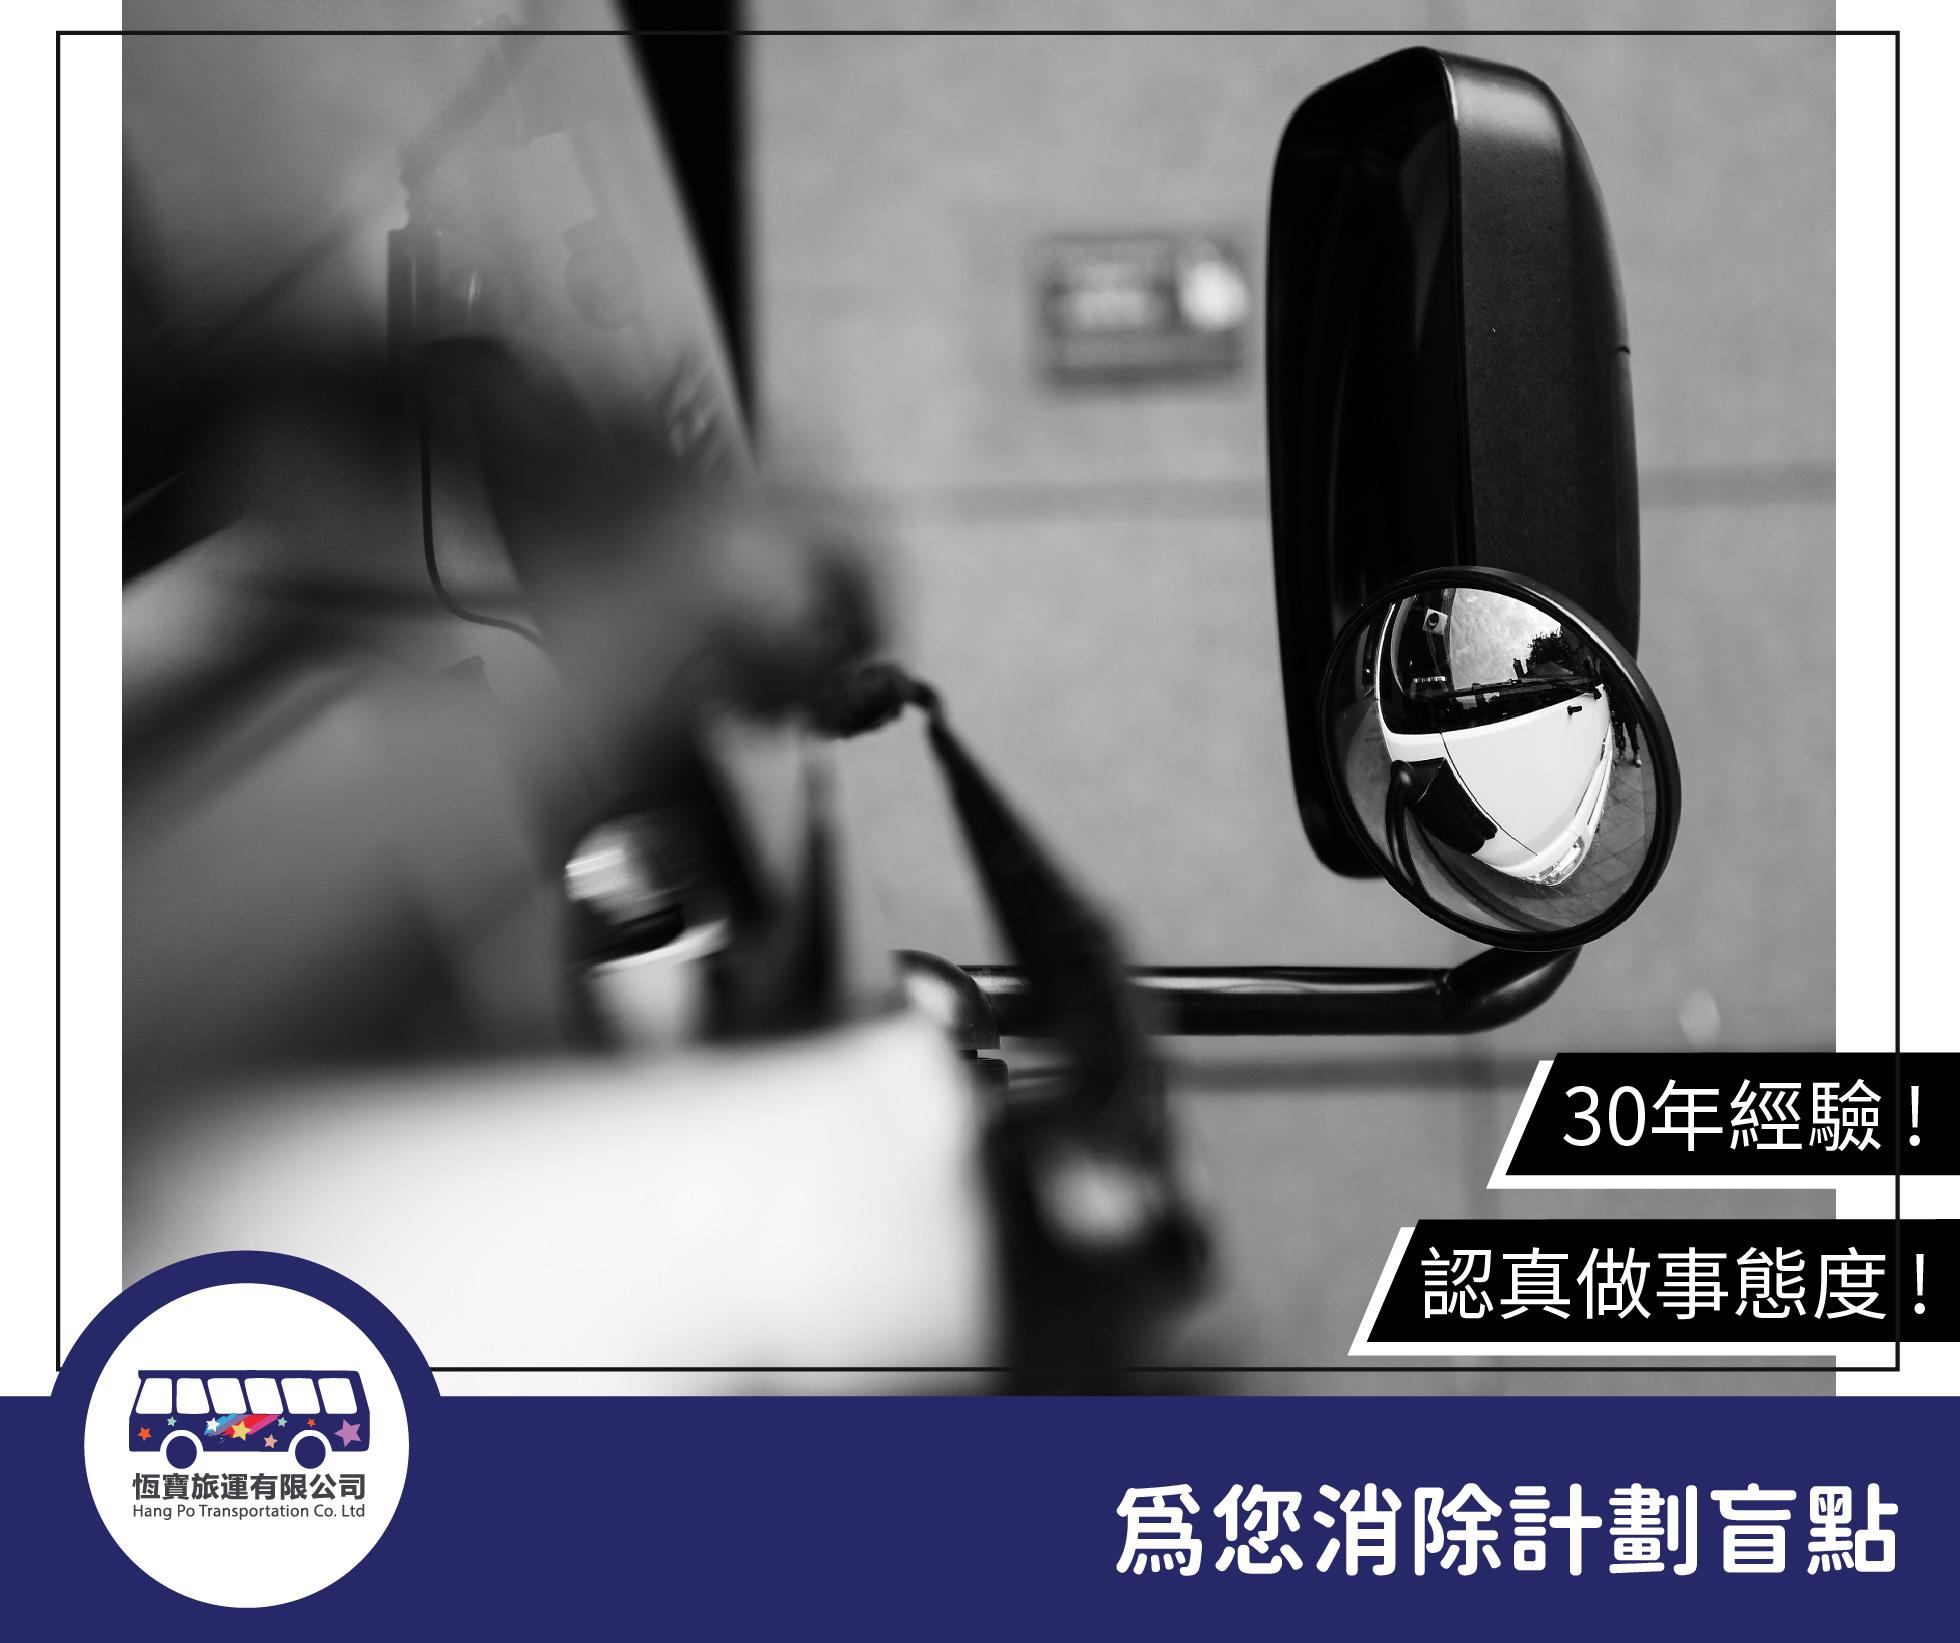 恆寶旅運提供專業旅遊巴路線設計服務